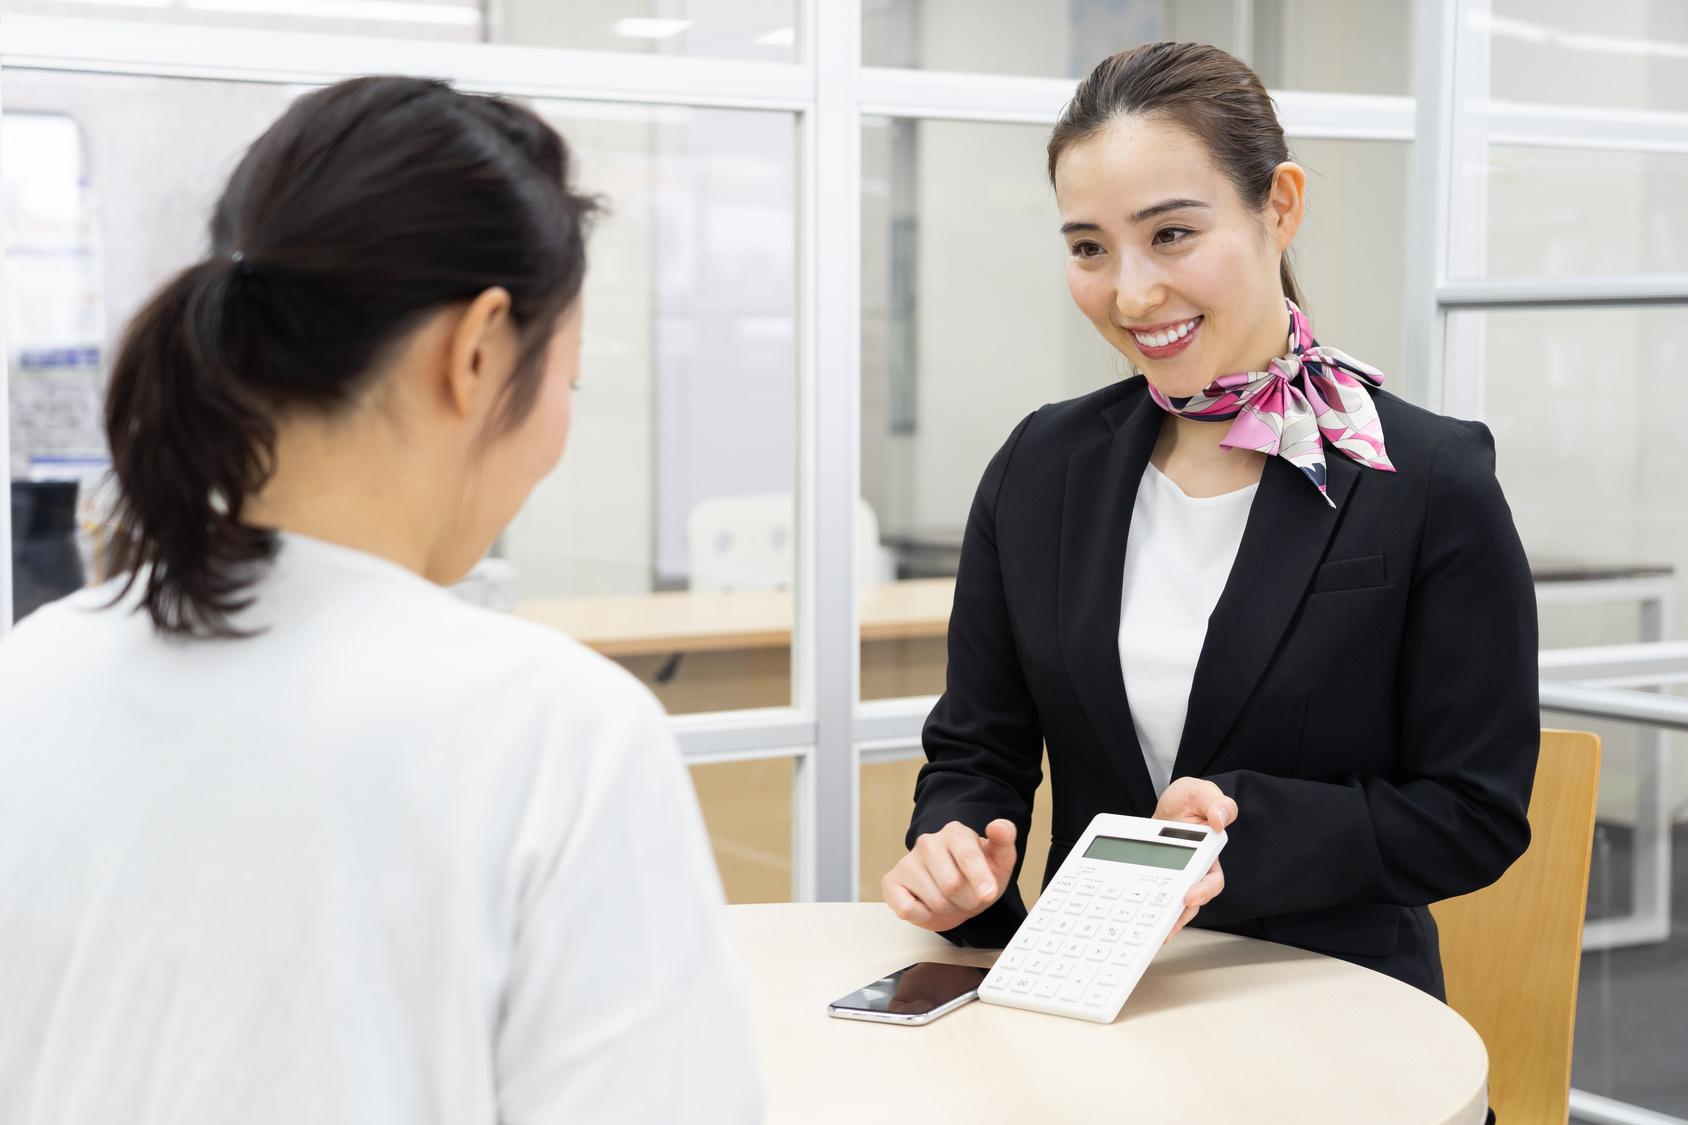 Uma mulher mostrando uma calculadora para outra mulher